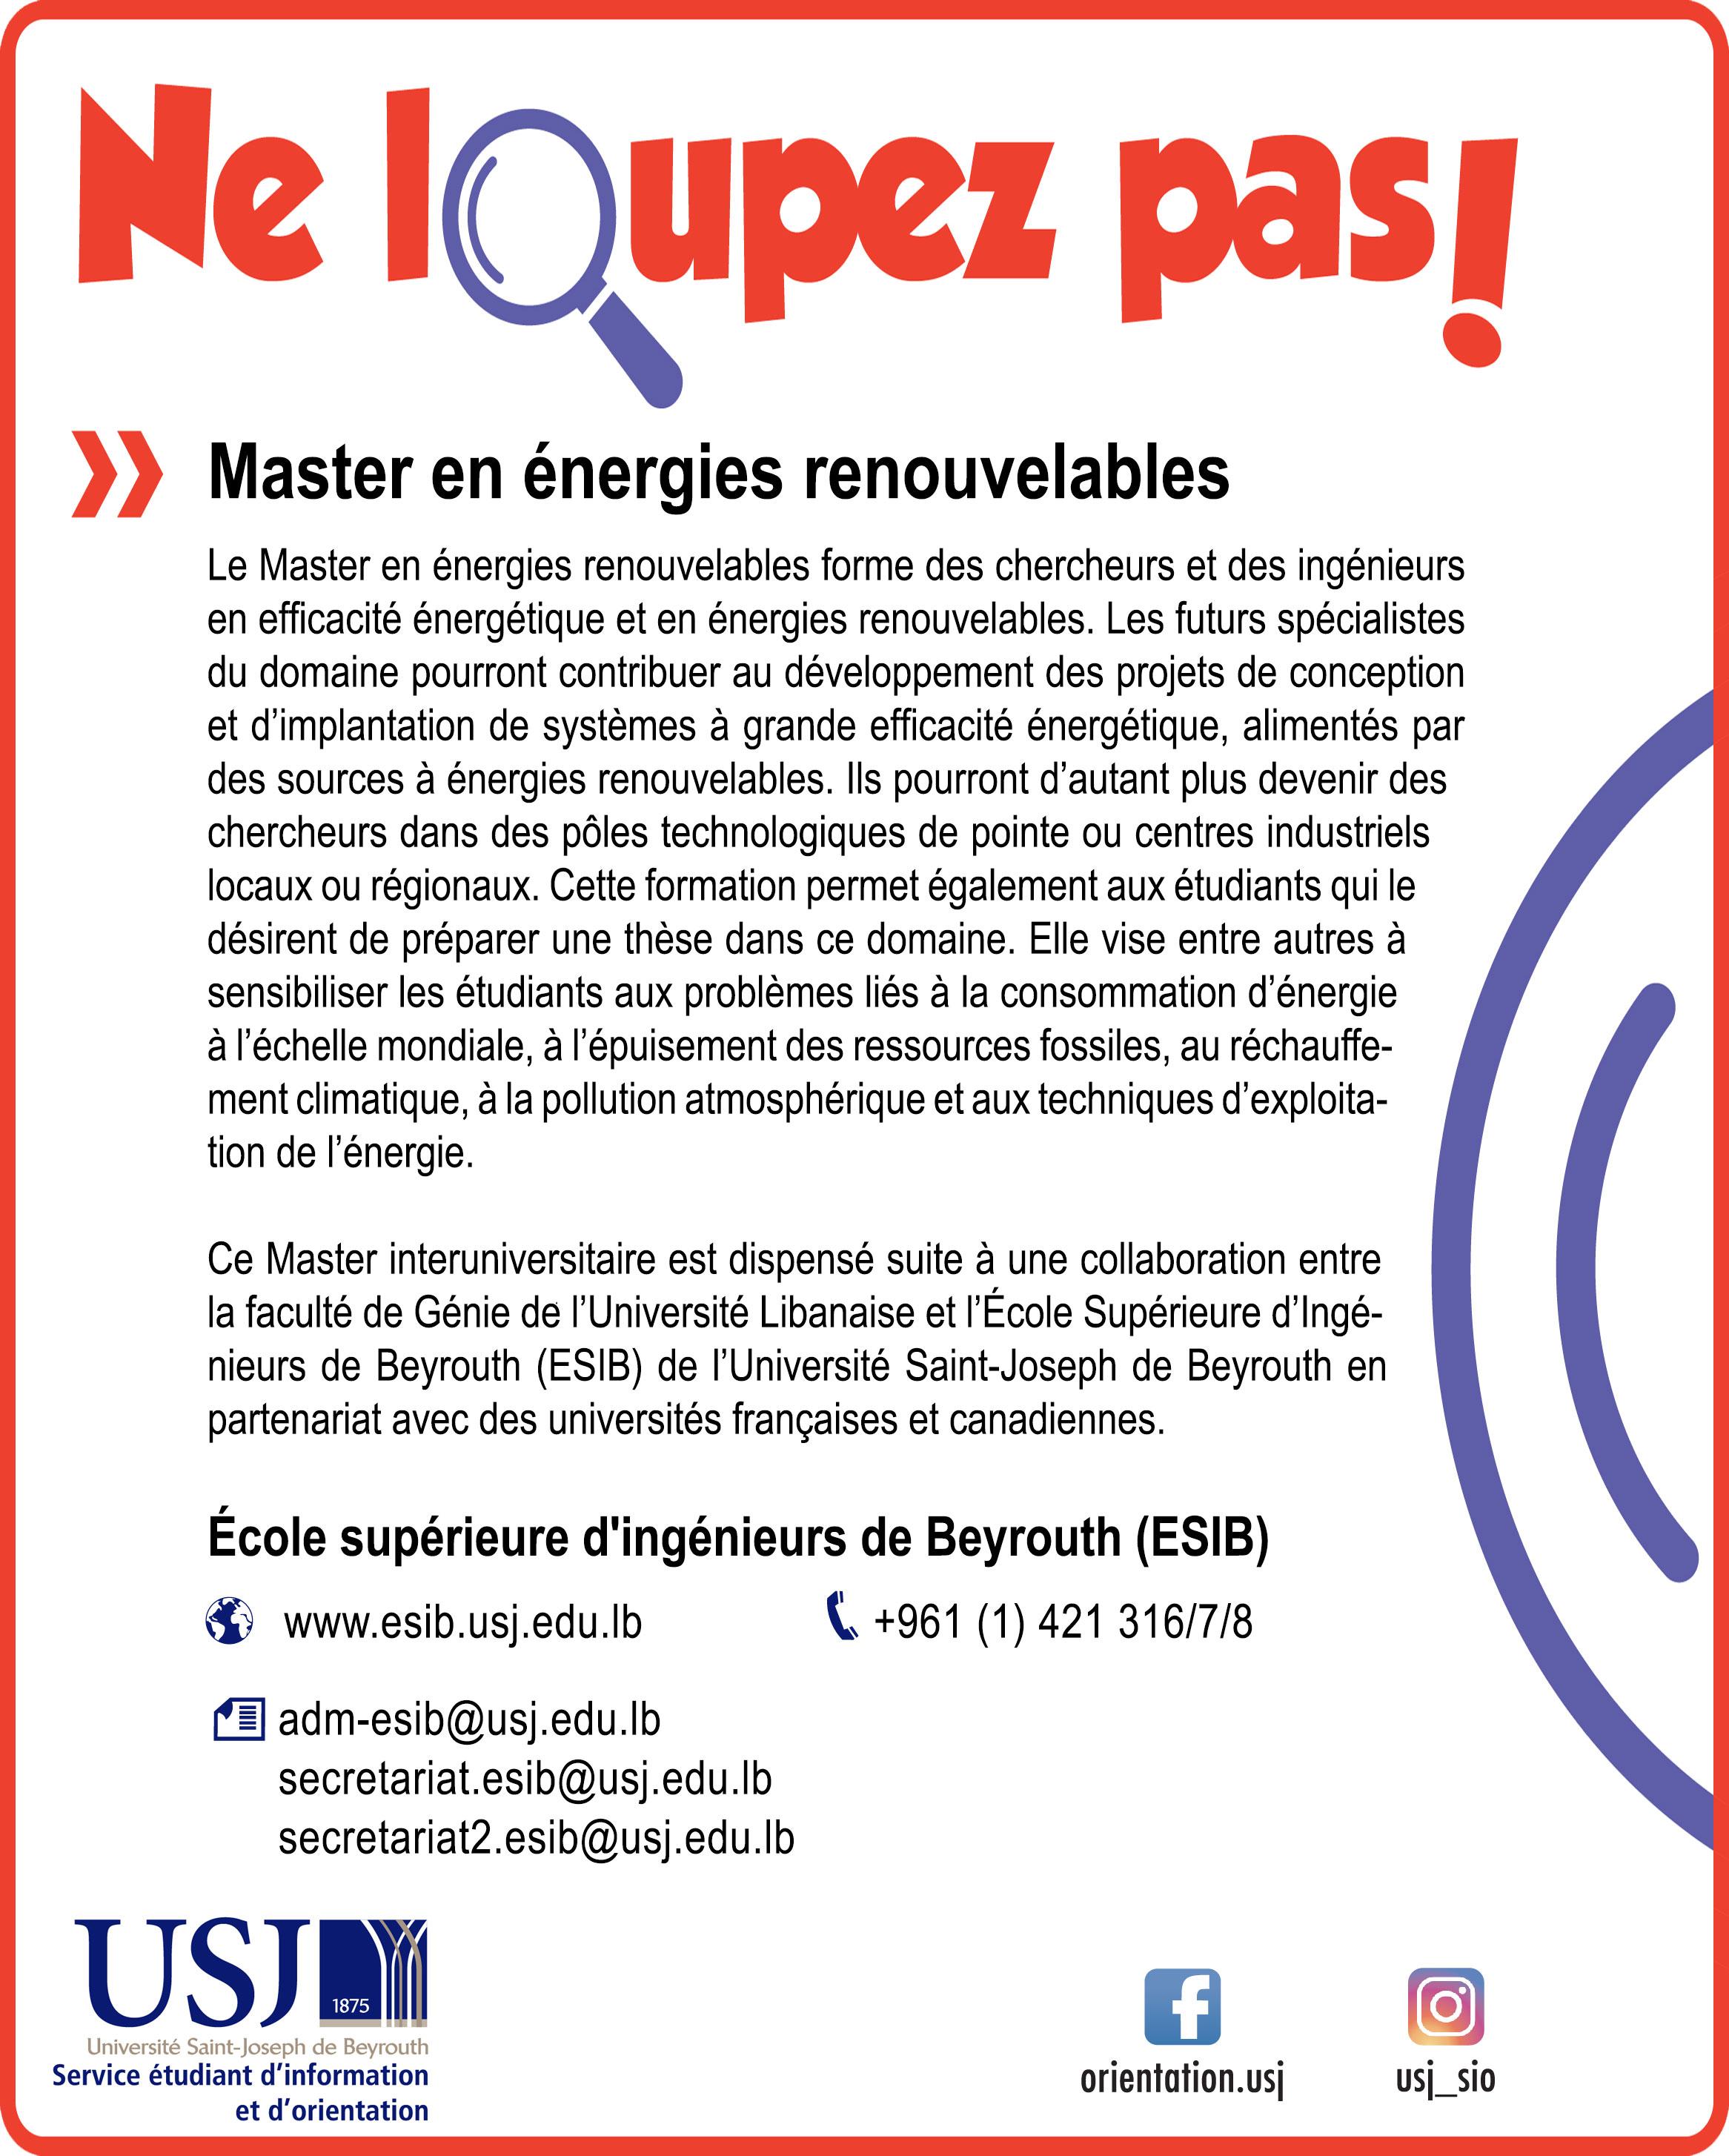 Master en énergies renouvelables